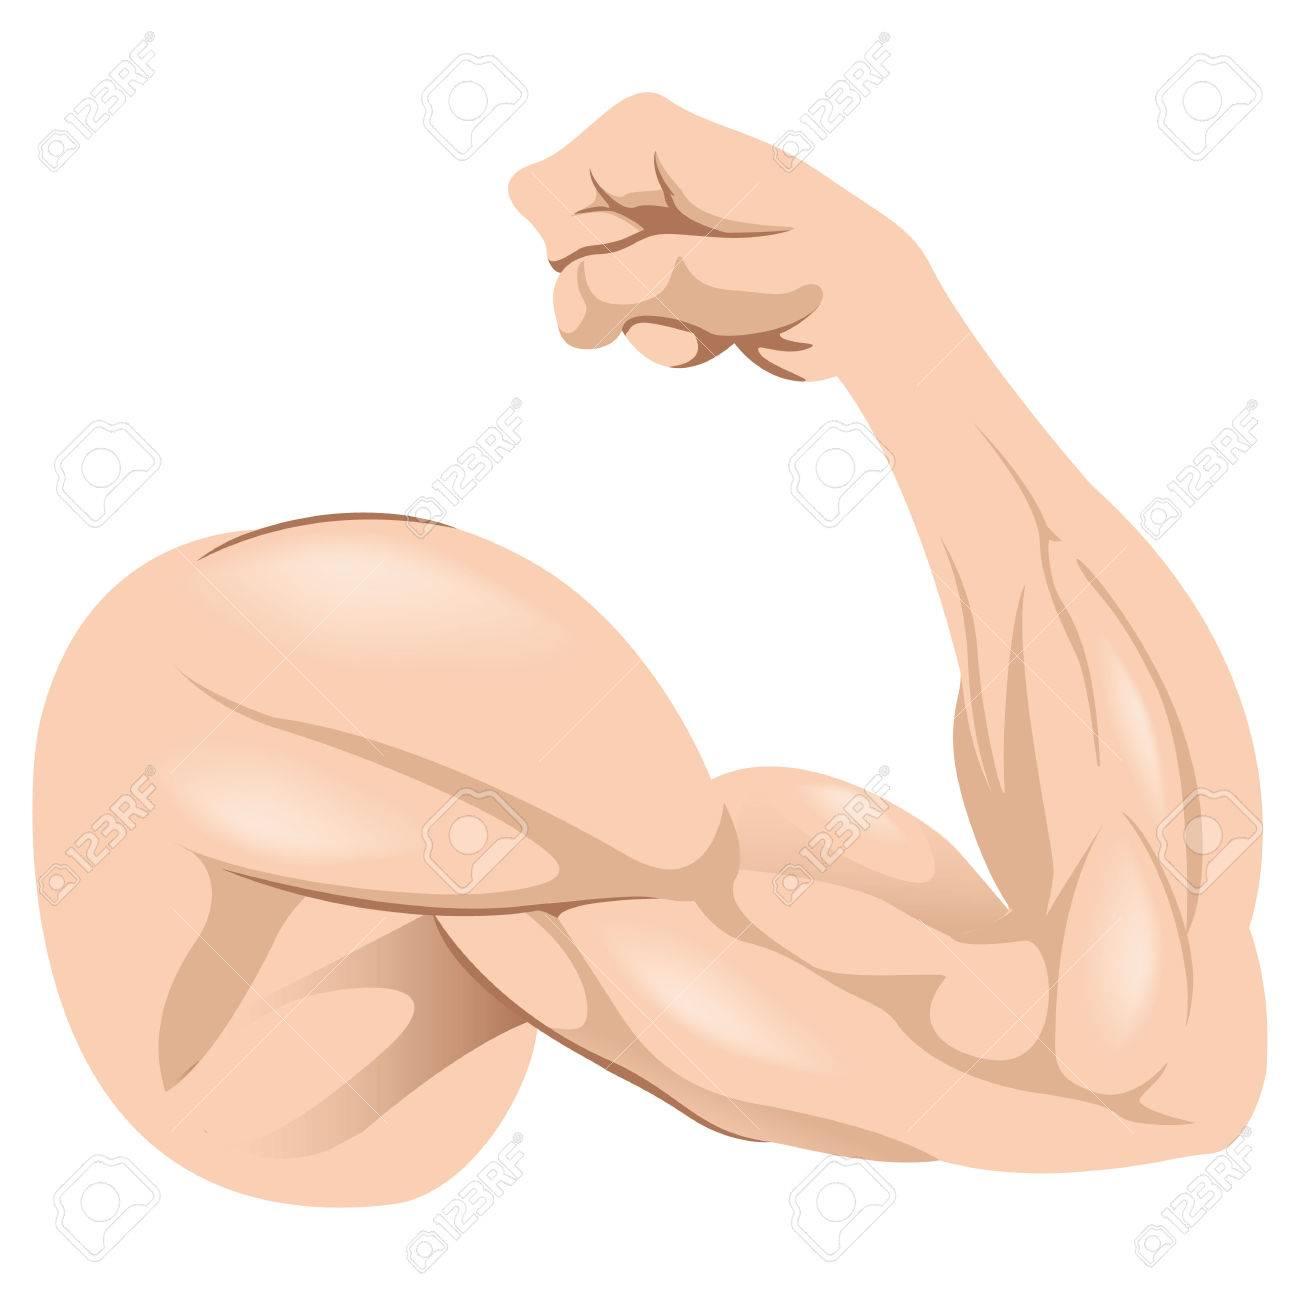 Ilustración Que Representa Humano Anatomía Masculina Muscular Del ...